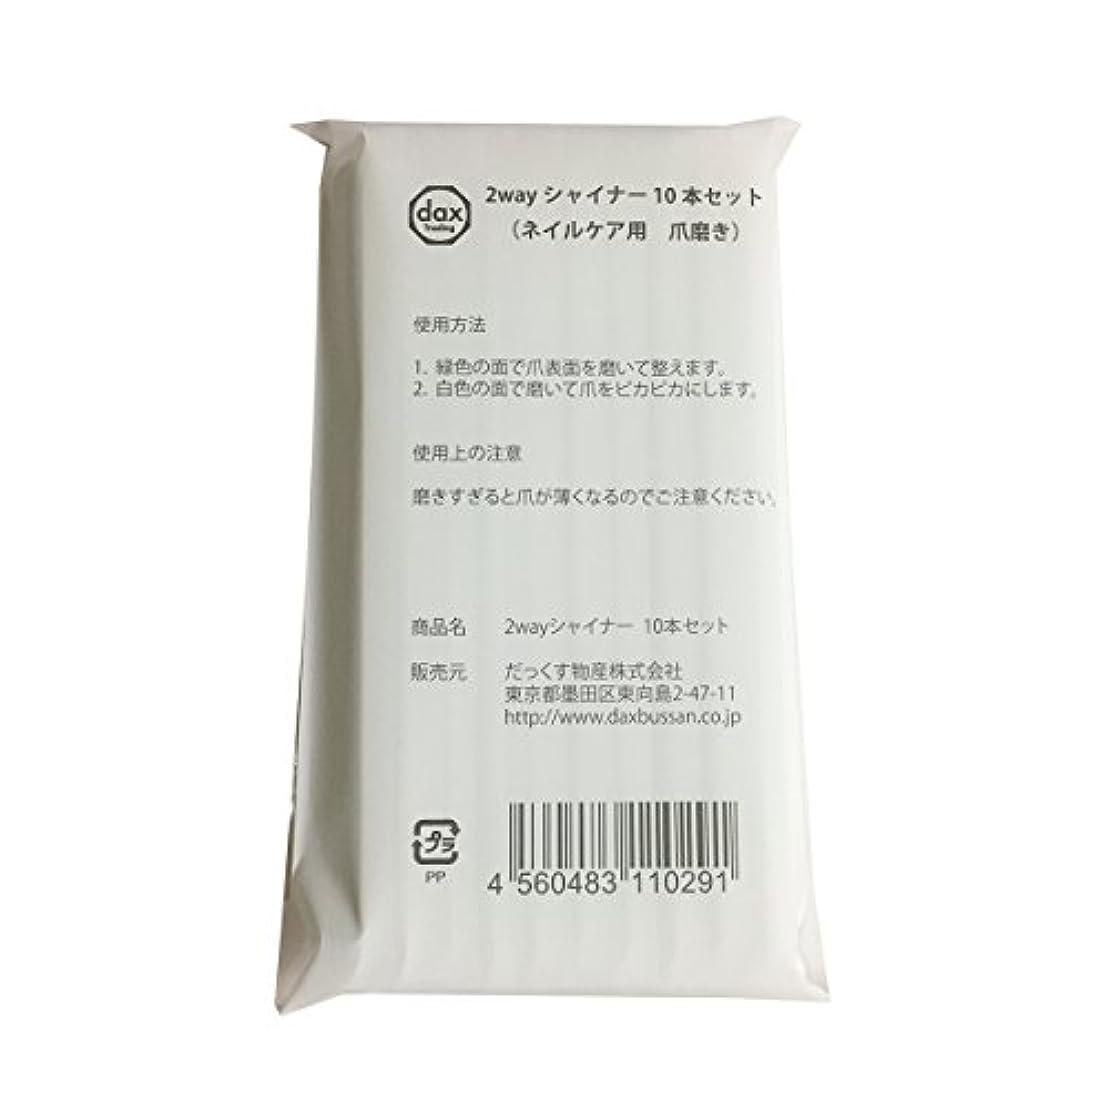 コードレス通路三【だっくす物産】2wayシャイナー 10本セット (ネイルケア用 爪磨き)